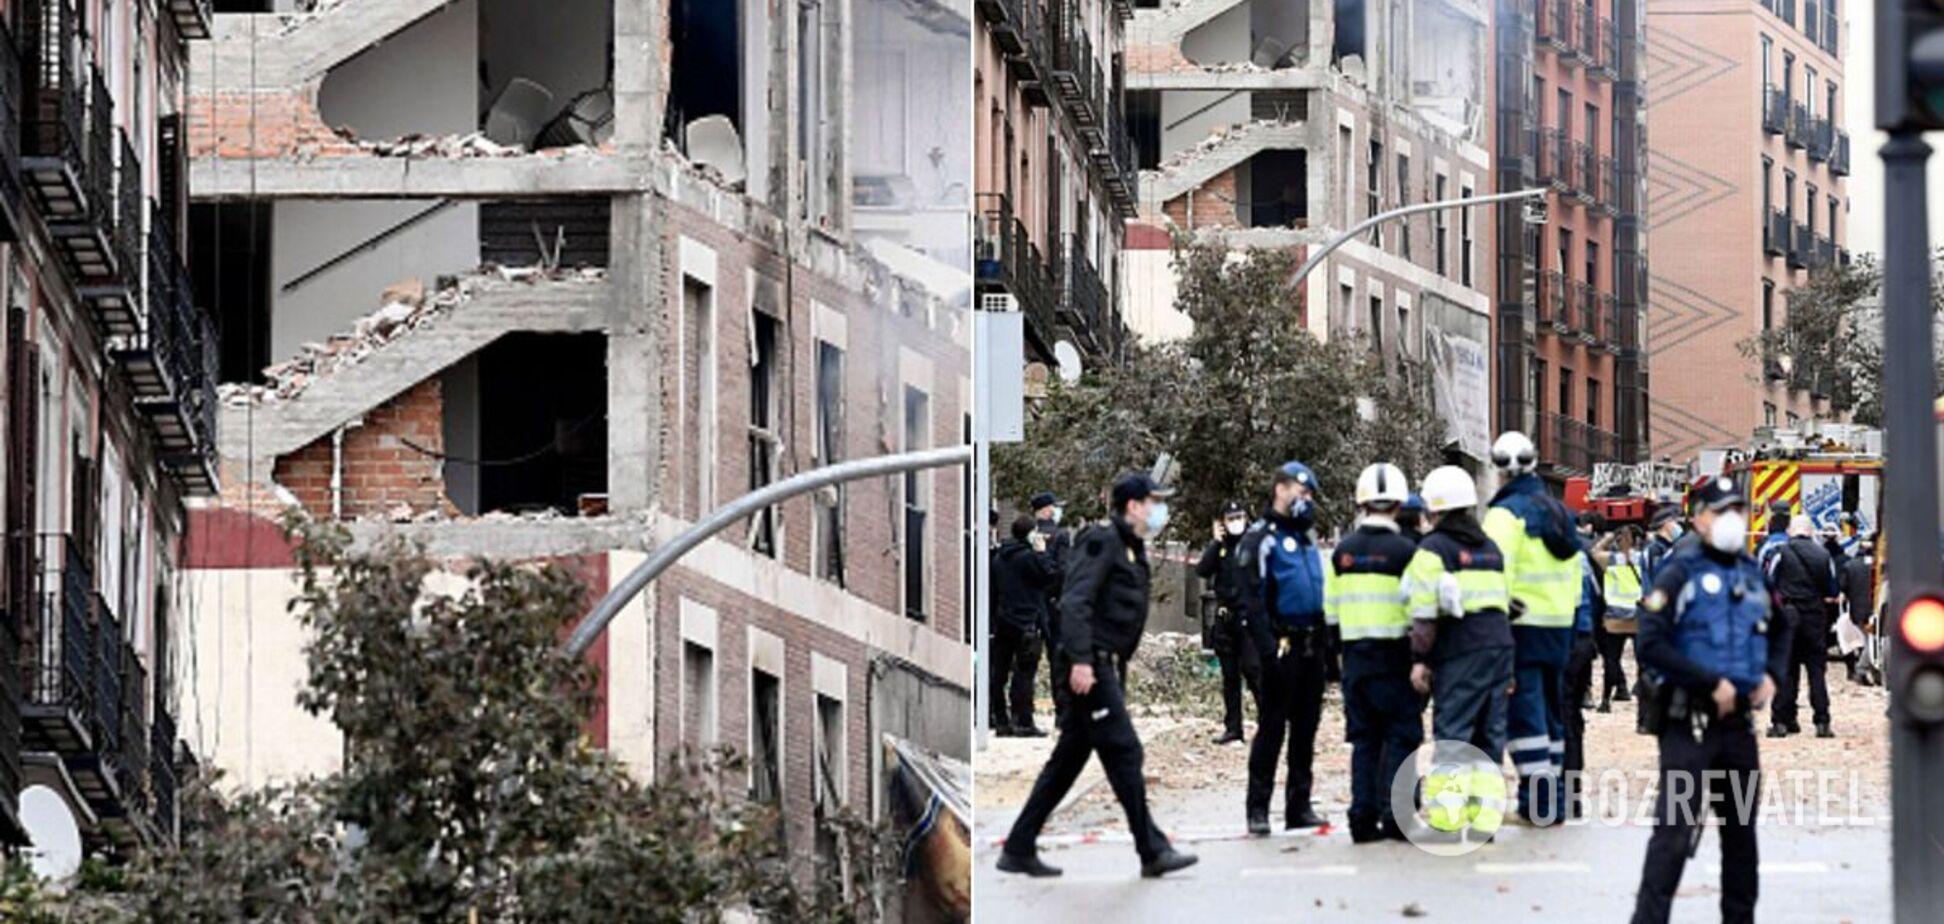 Мадрид содрогнулся от мощного взрыва: фото и видео разрушенной улицы